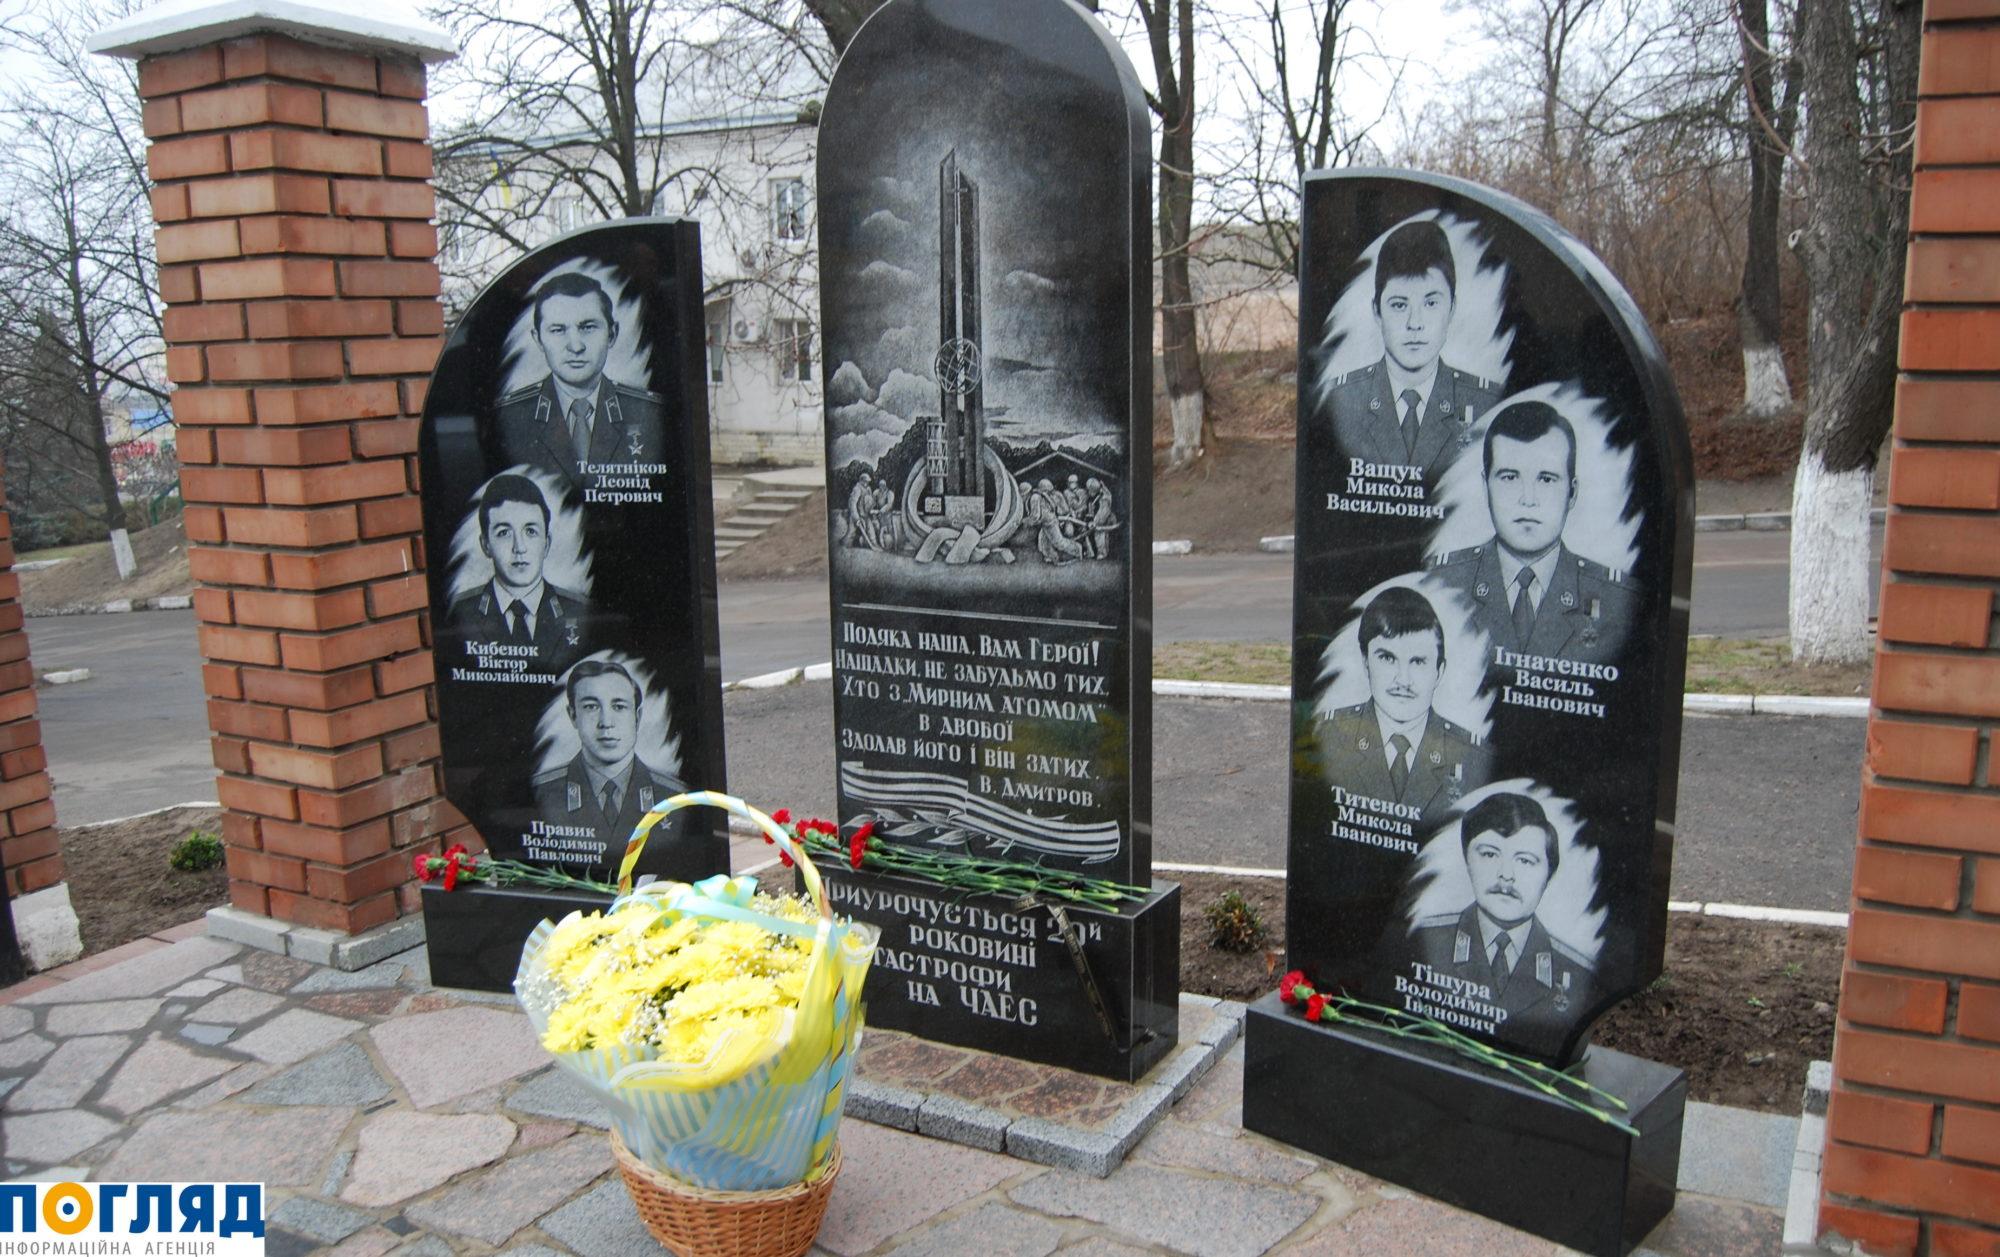 000DSC_3619-2000x1257 «Поїхали, атомна вибухнула»: у Василькові вшанували ліквідаторів аварії на ЧАЕС